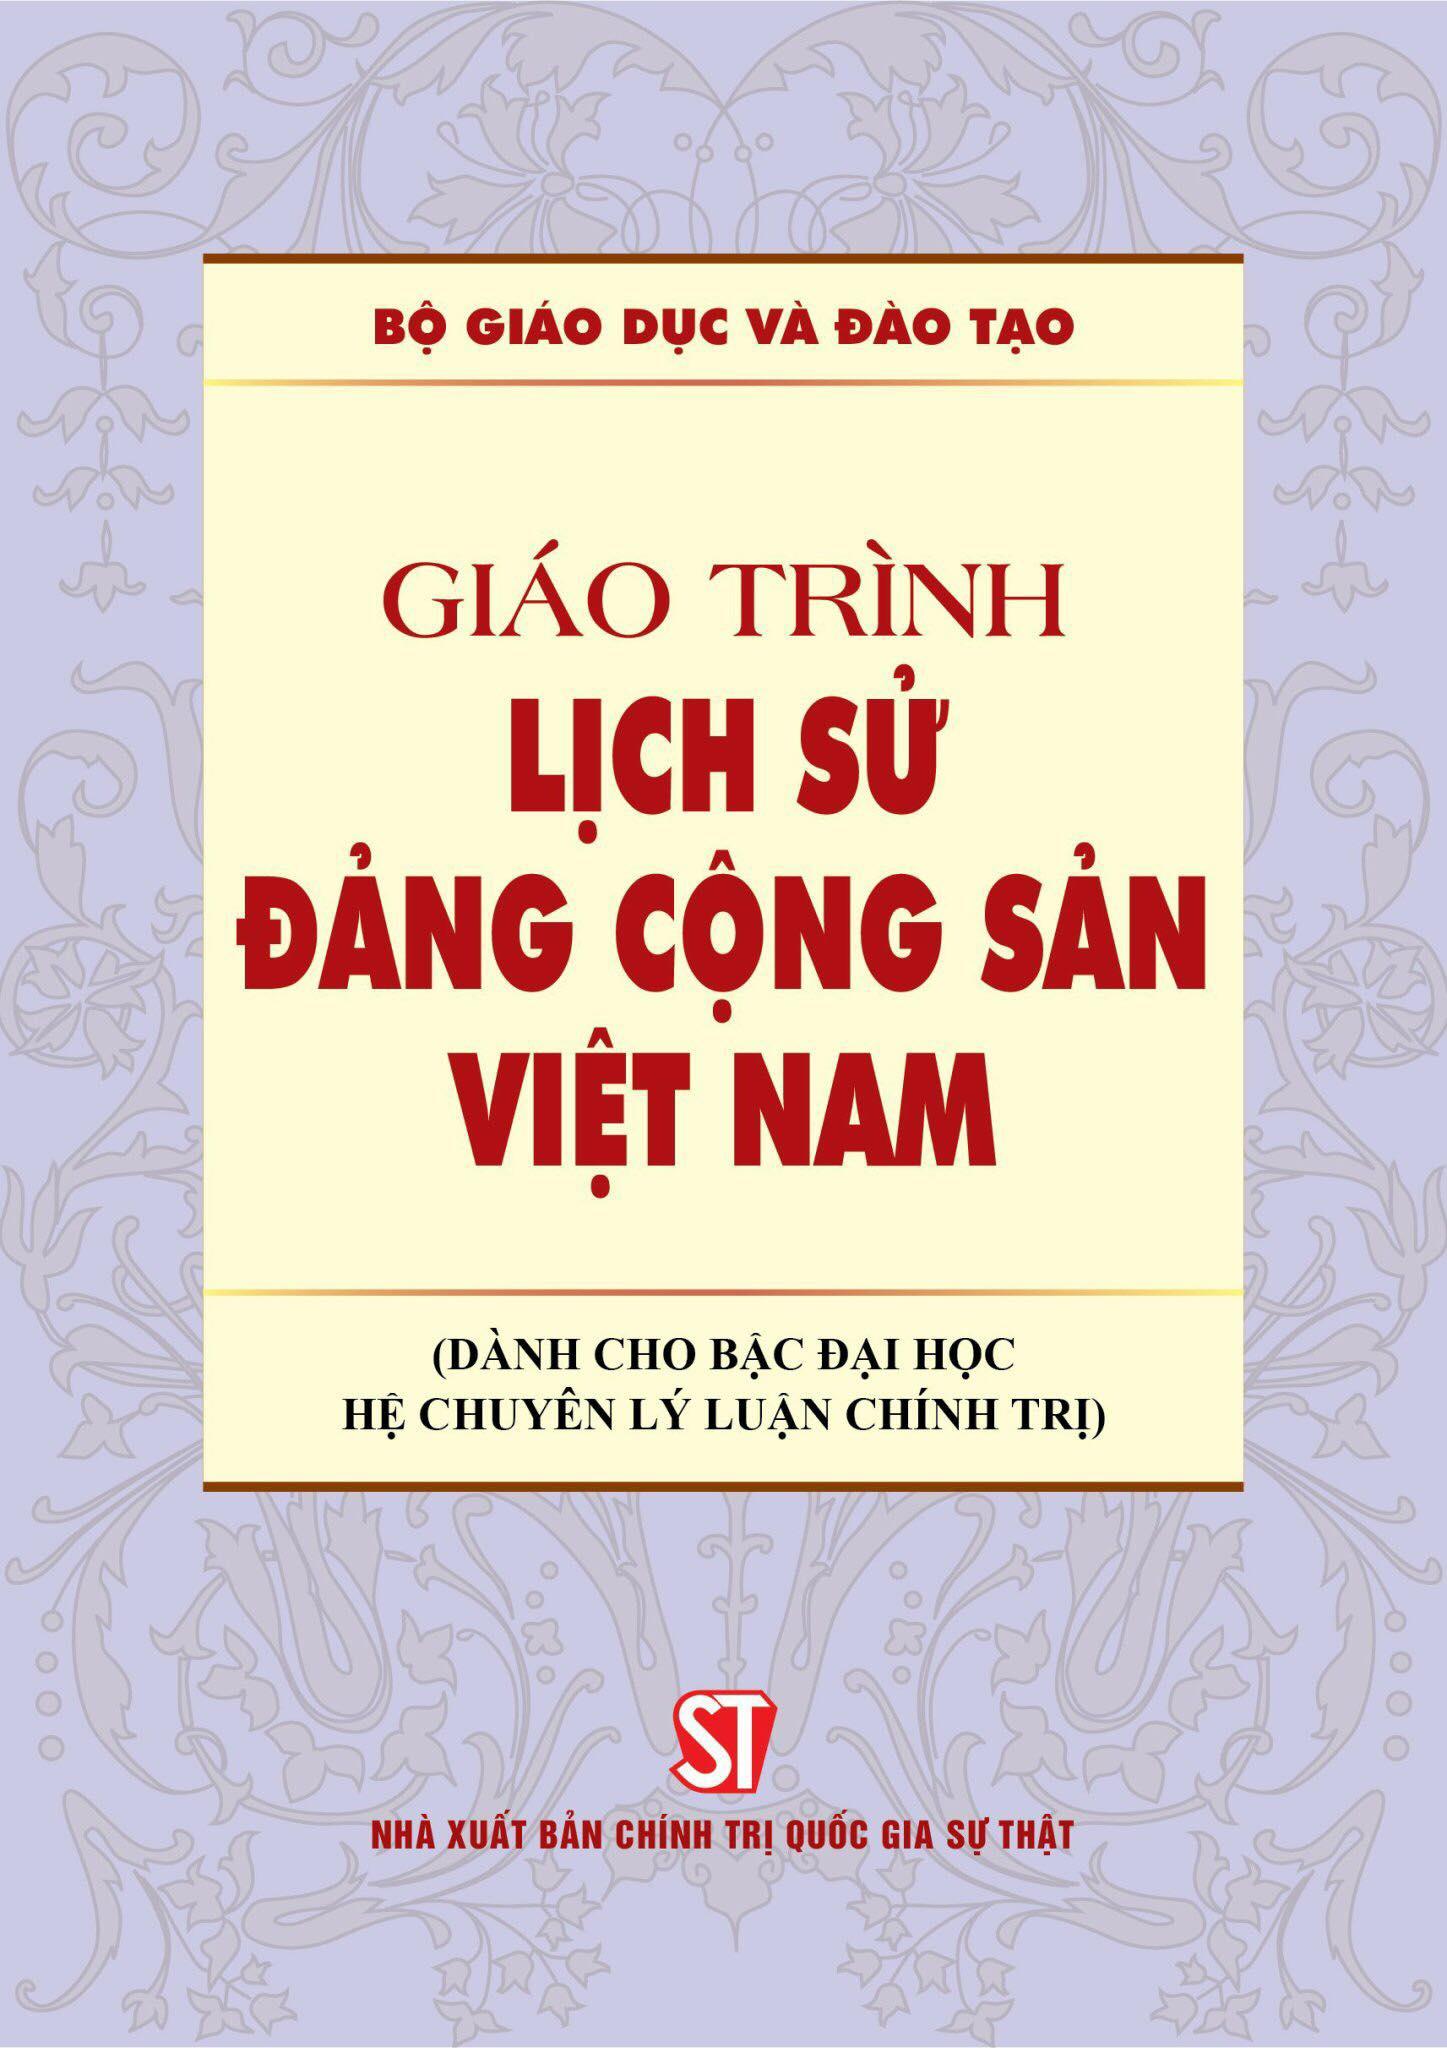 Giáo trình Lịch sử Đảng Cộng sản Việt Nam (Dành cho bậc đại học hệ chuyên lý luận chính trị)